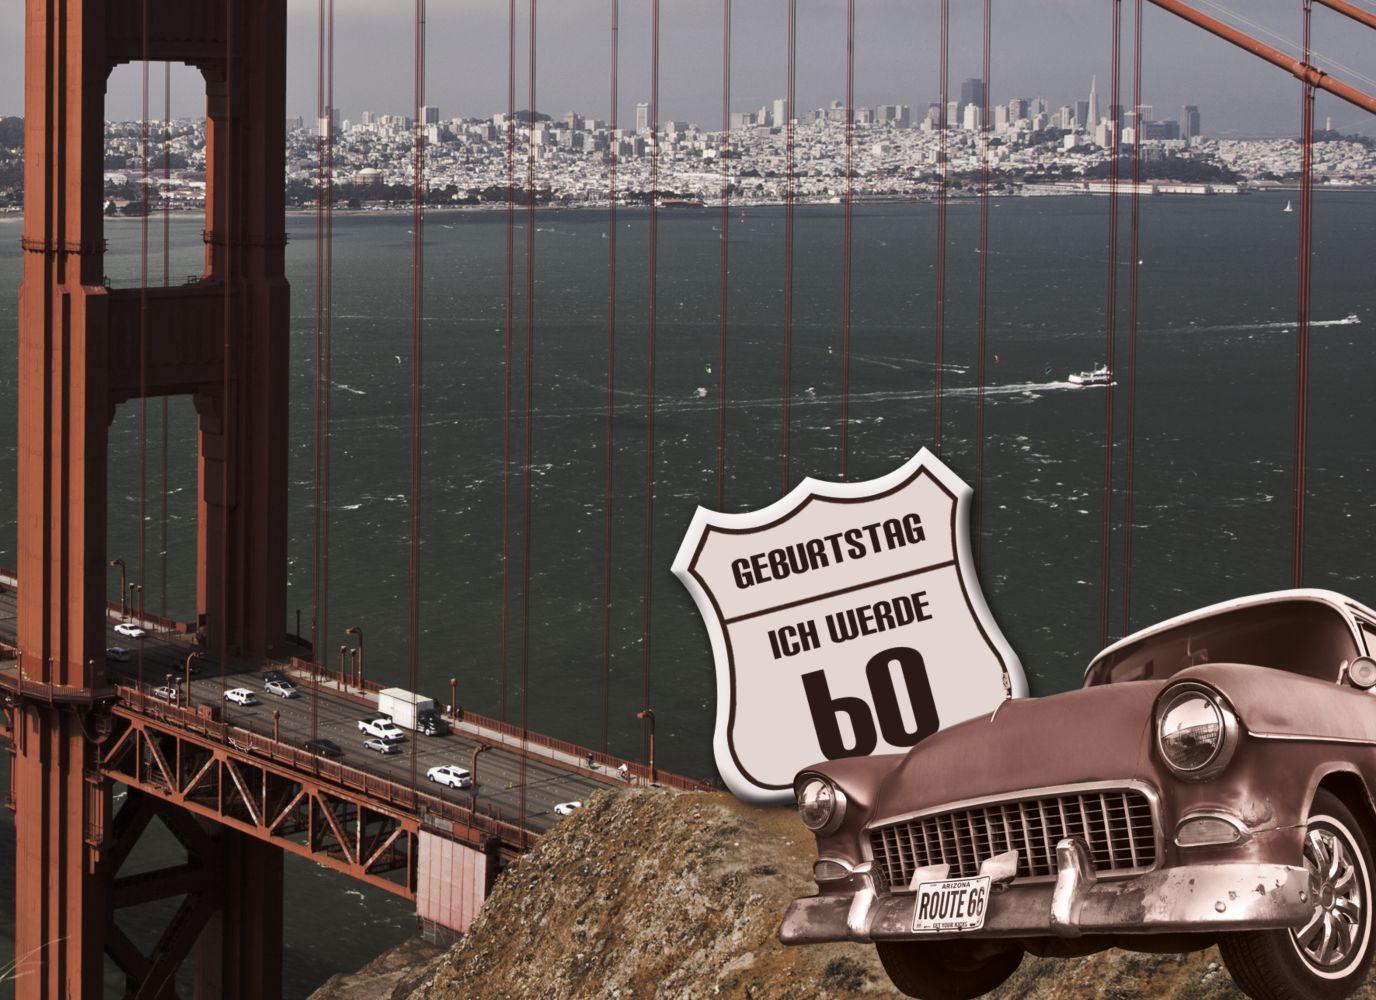 Ansicht 3 - Geburtstagskarte old bridge 60